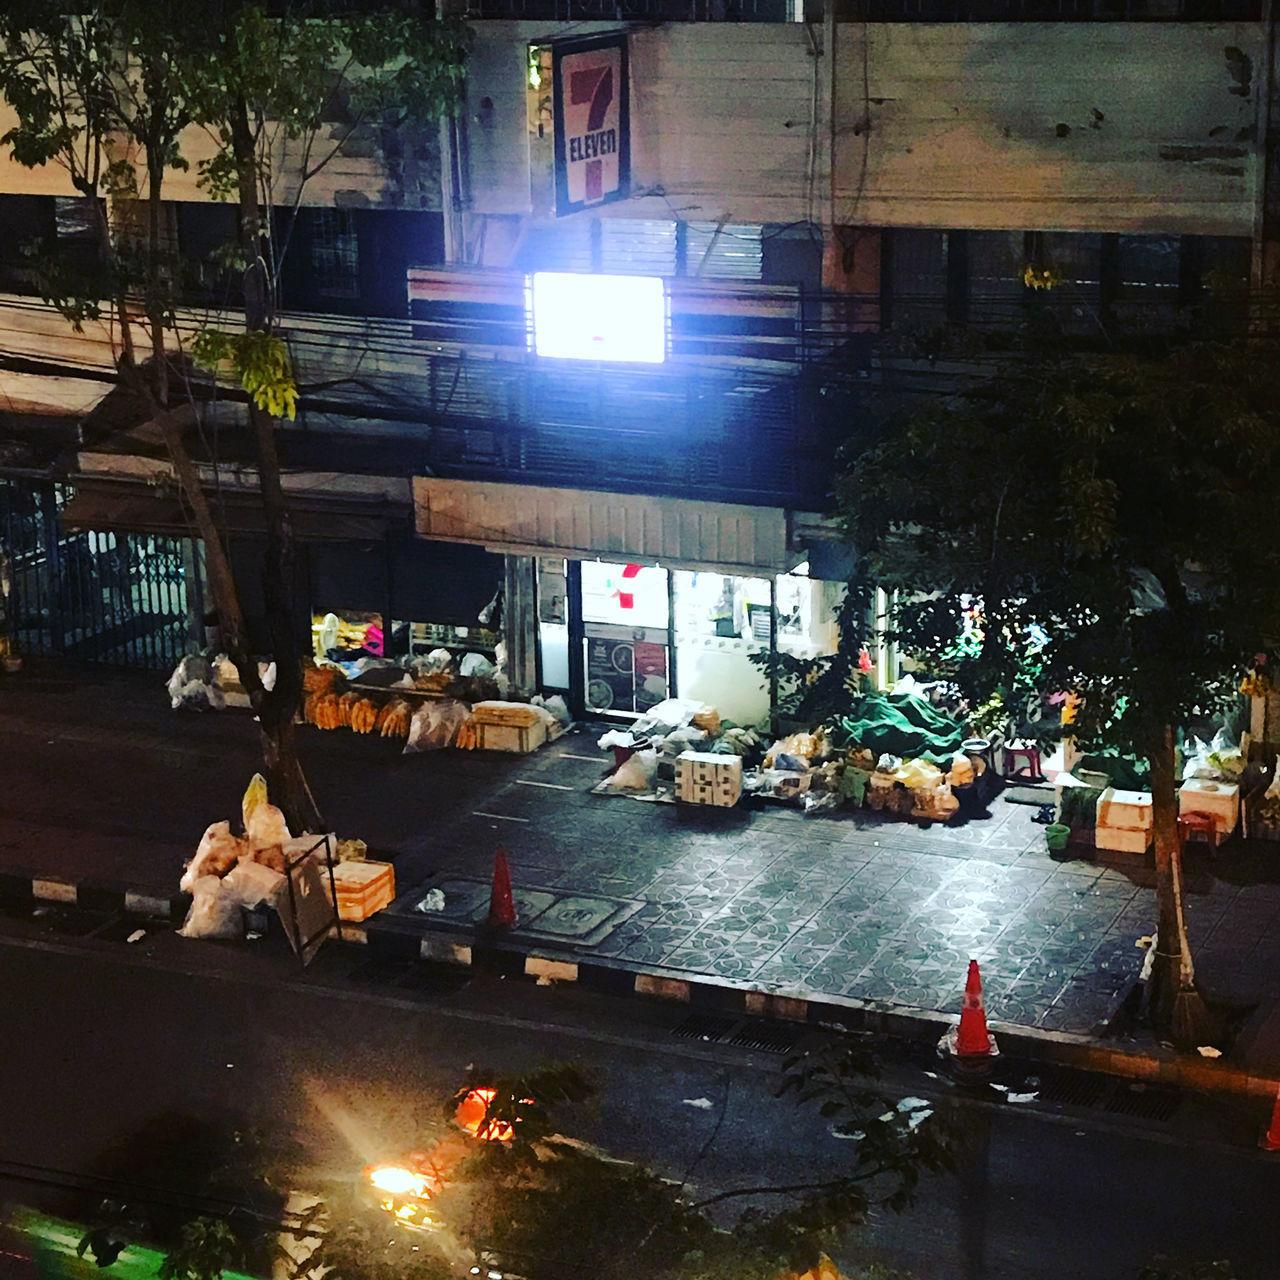 ILLUMINATED STREET AT MARKET